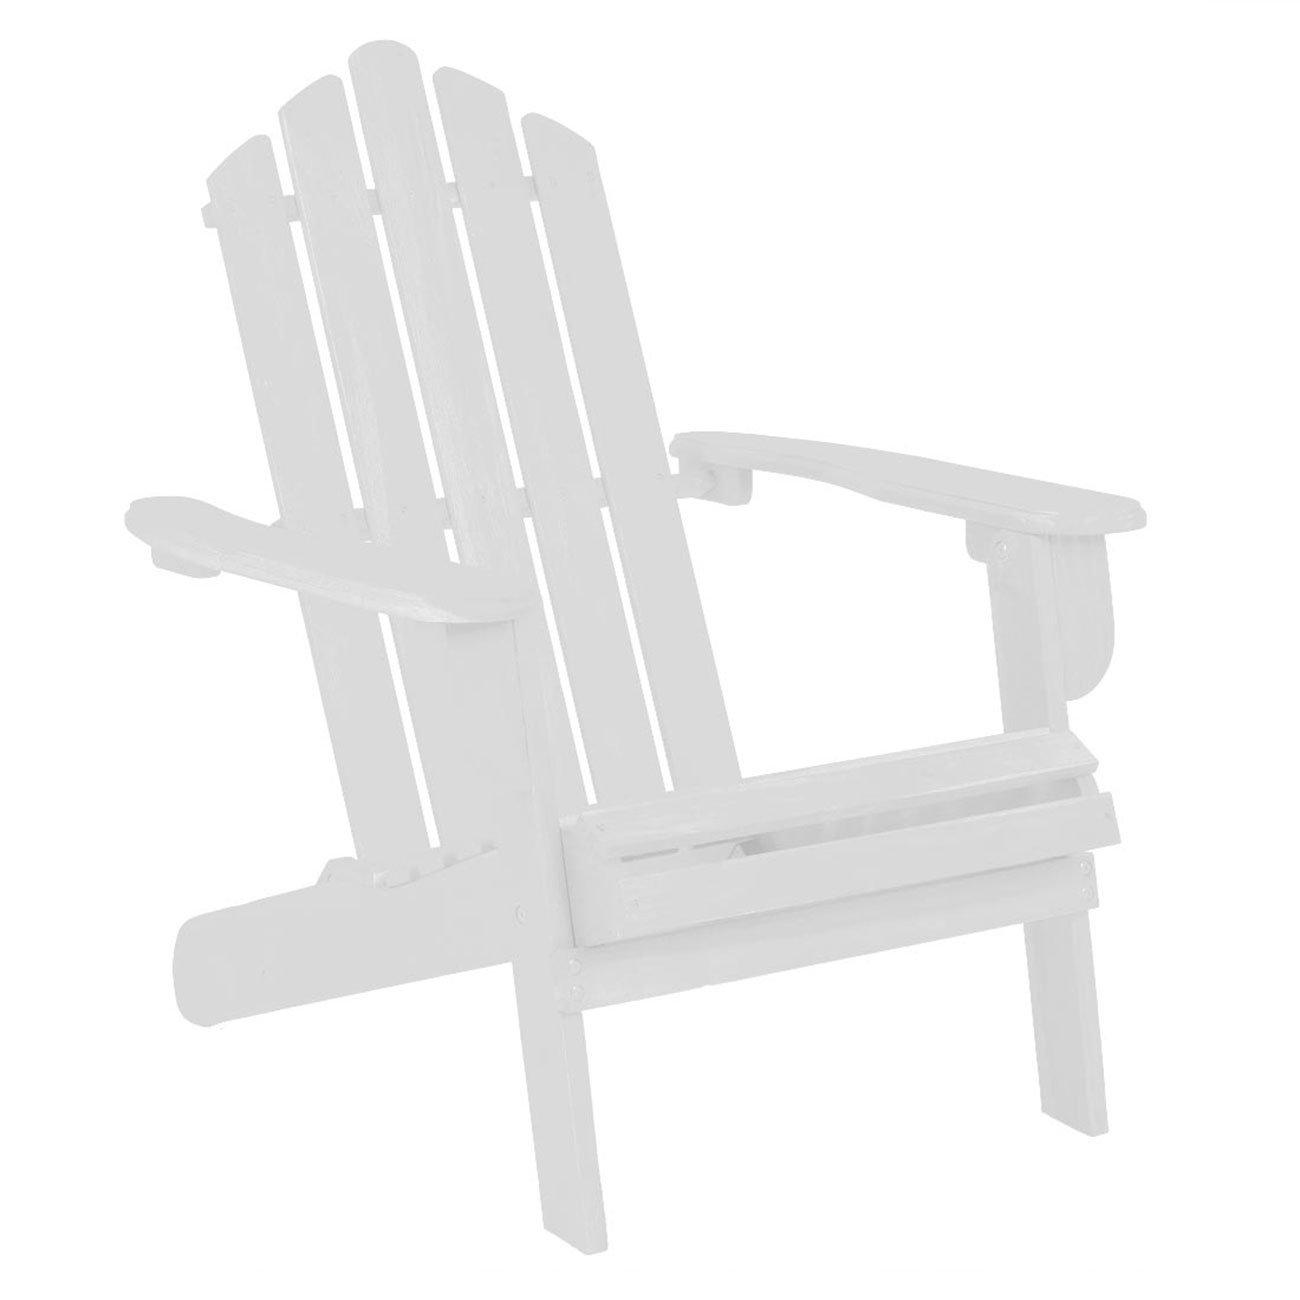 OUTLIV. Adirondack Stuhl Amerikanischer Gartenstuhl weiß Gartensessel klappbar Holz Akazie FSC Liegesessel Klappsessel